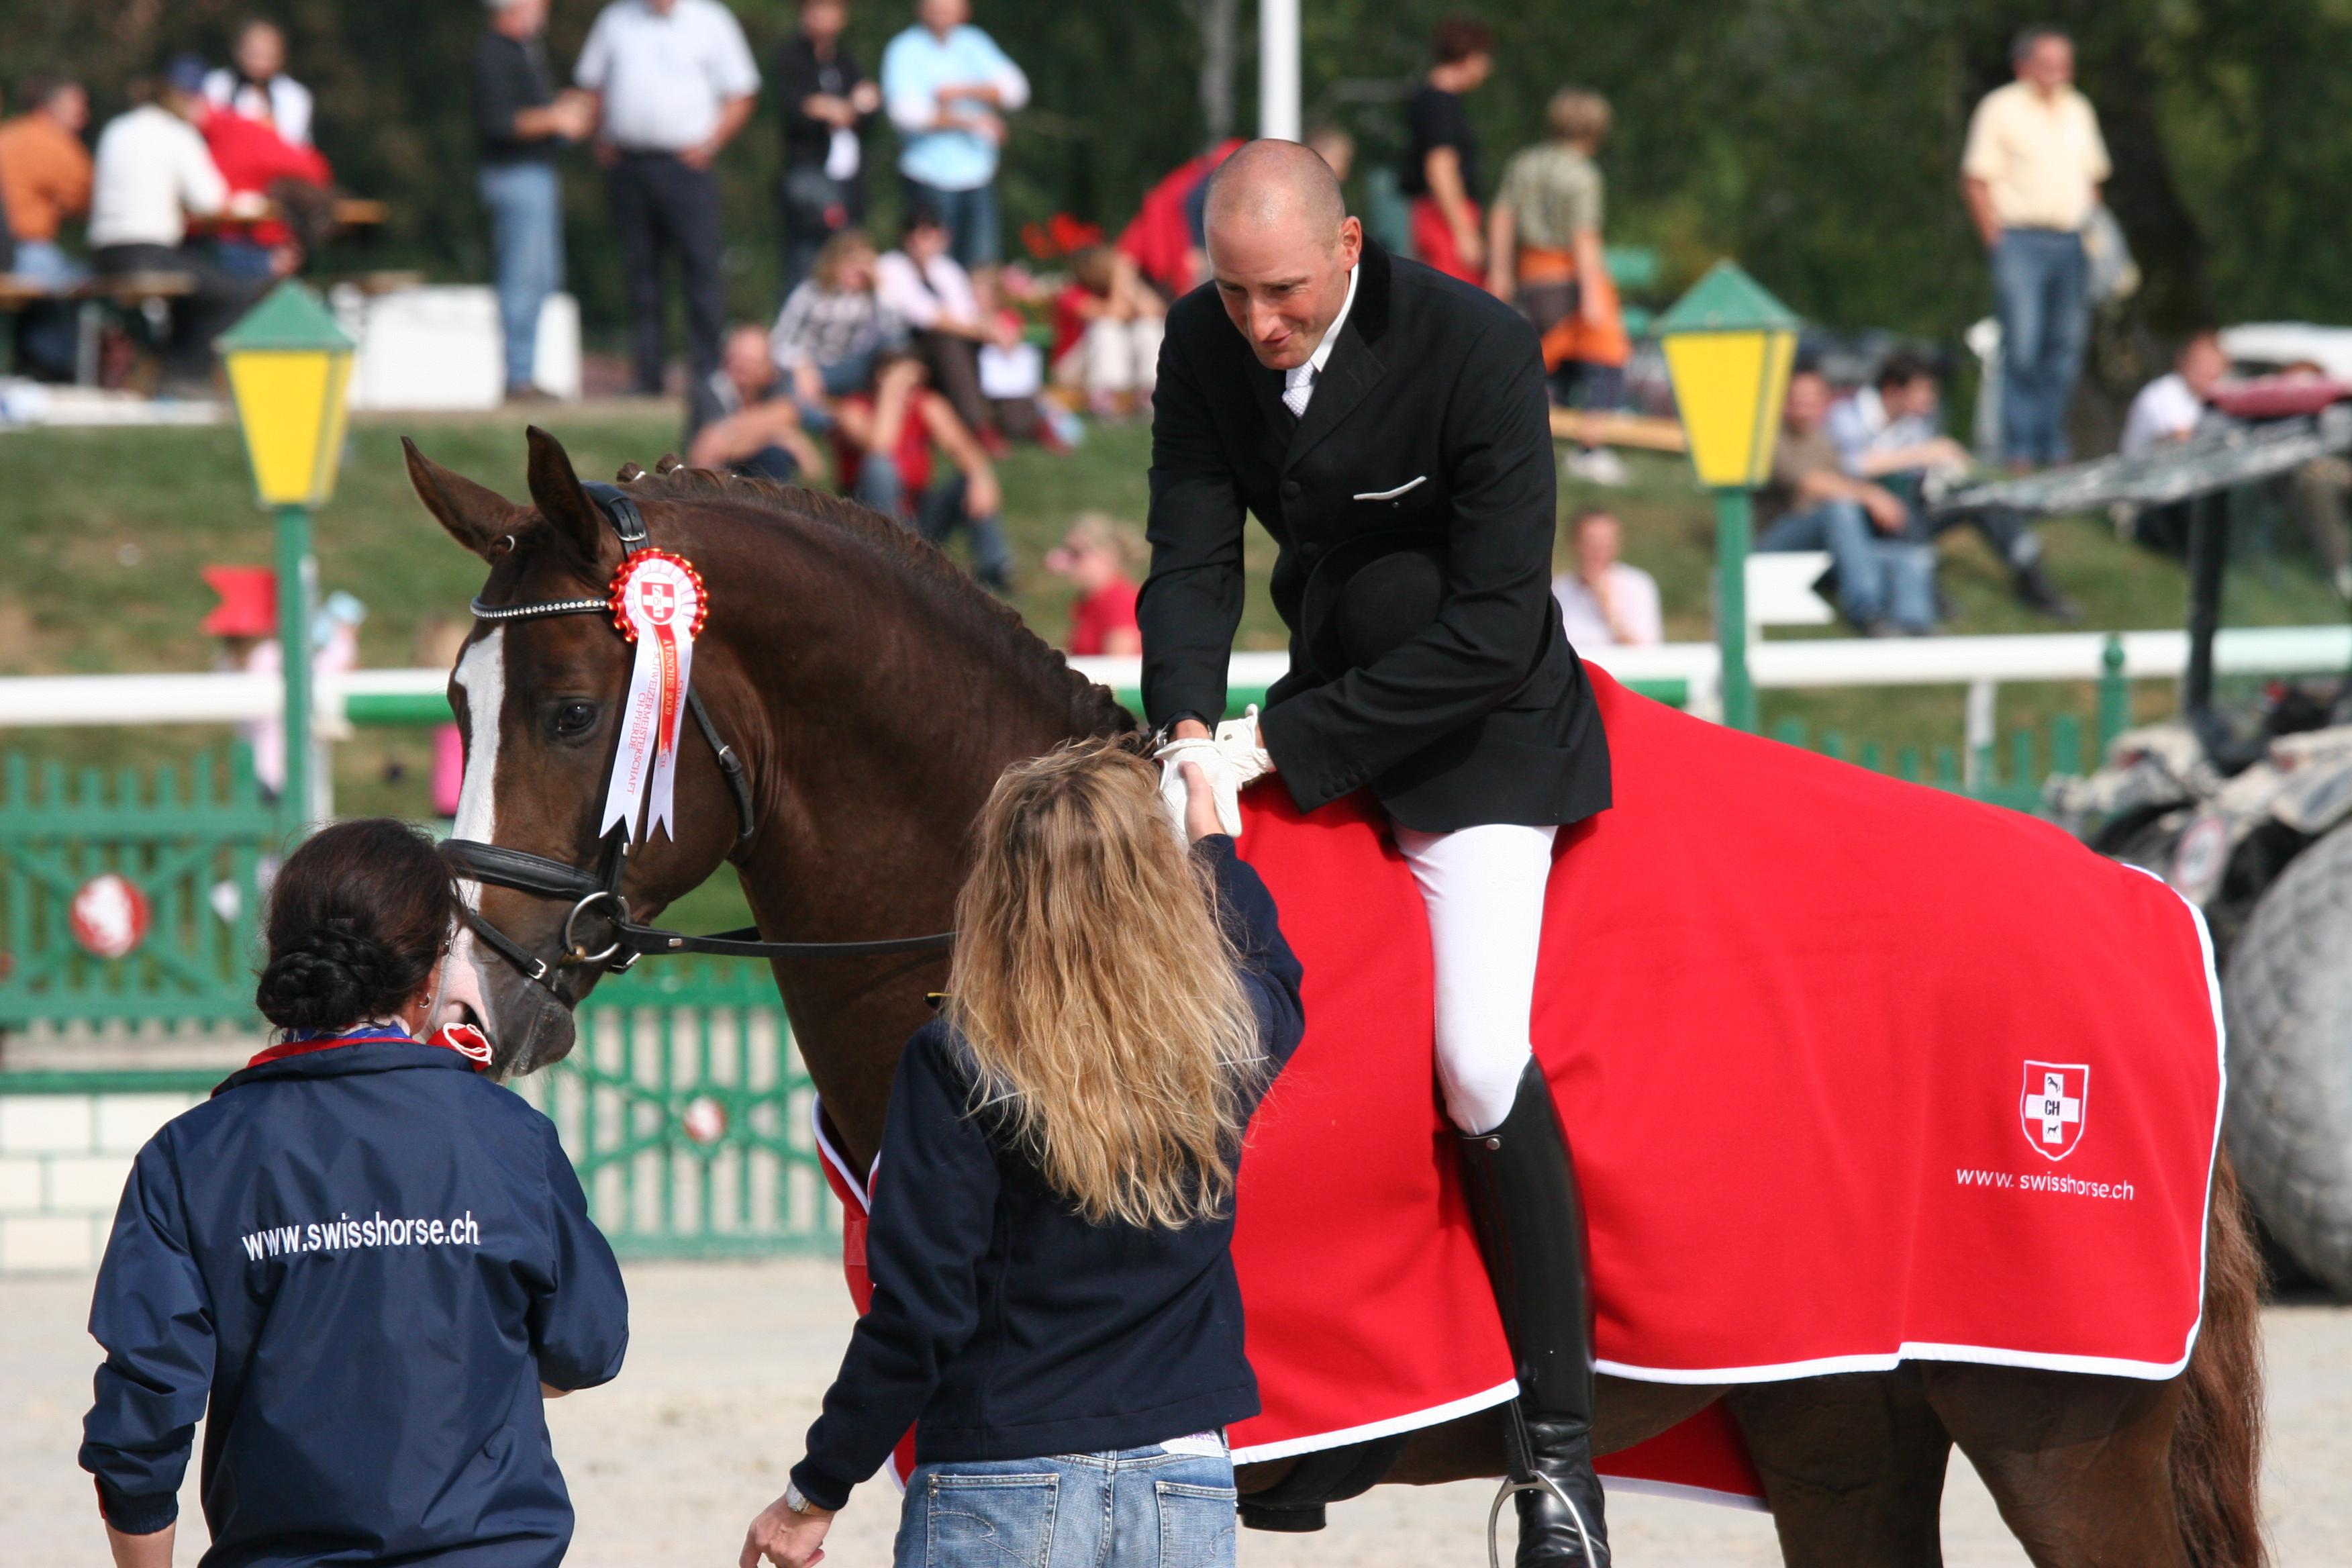 Schweizermeister 4-jährige Pferde